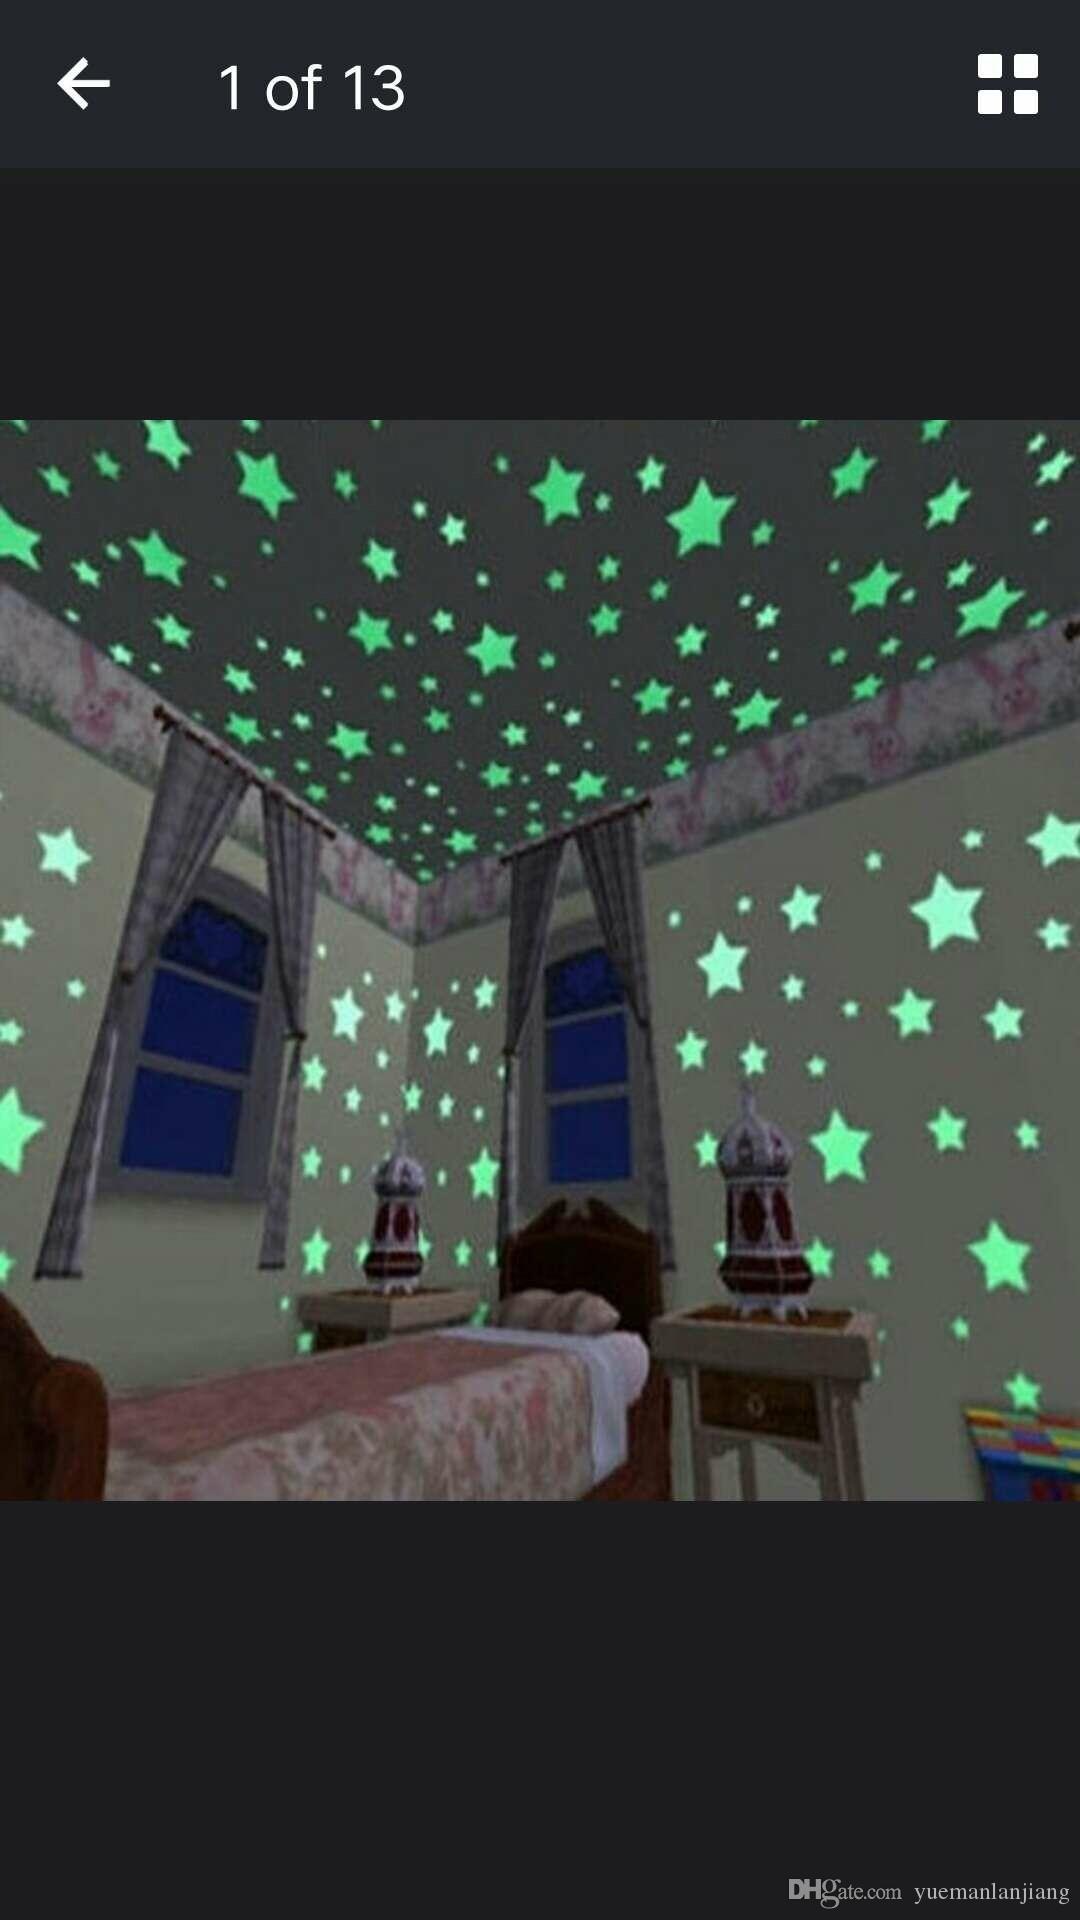 Großhandel 100 Stücke Wand Stickes Glow In The Dark Baby Kinder Schlafzimmer  Wohnkultur Farbe Sterne Leuchtende Fluoreszierende Wandaufkleber Aufkleber  Von ...